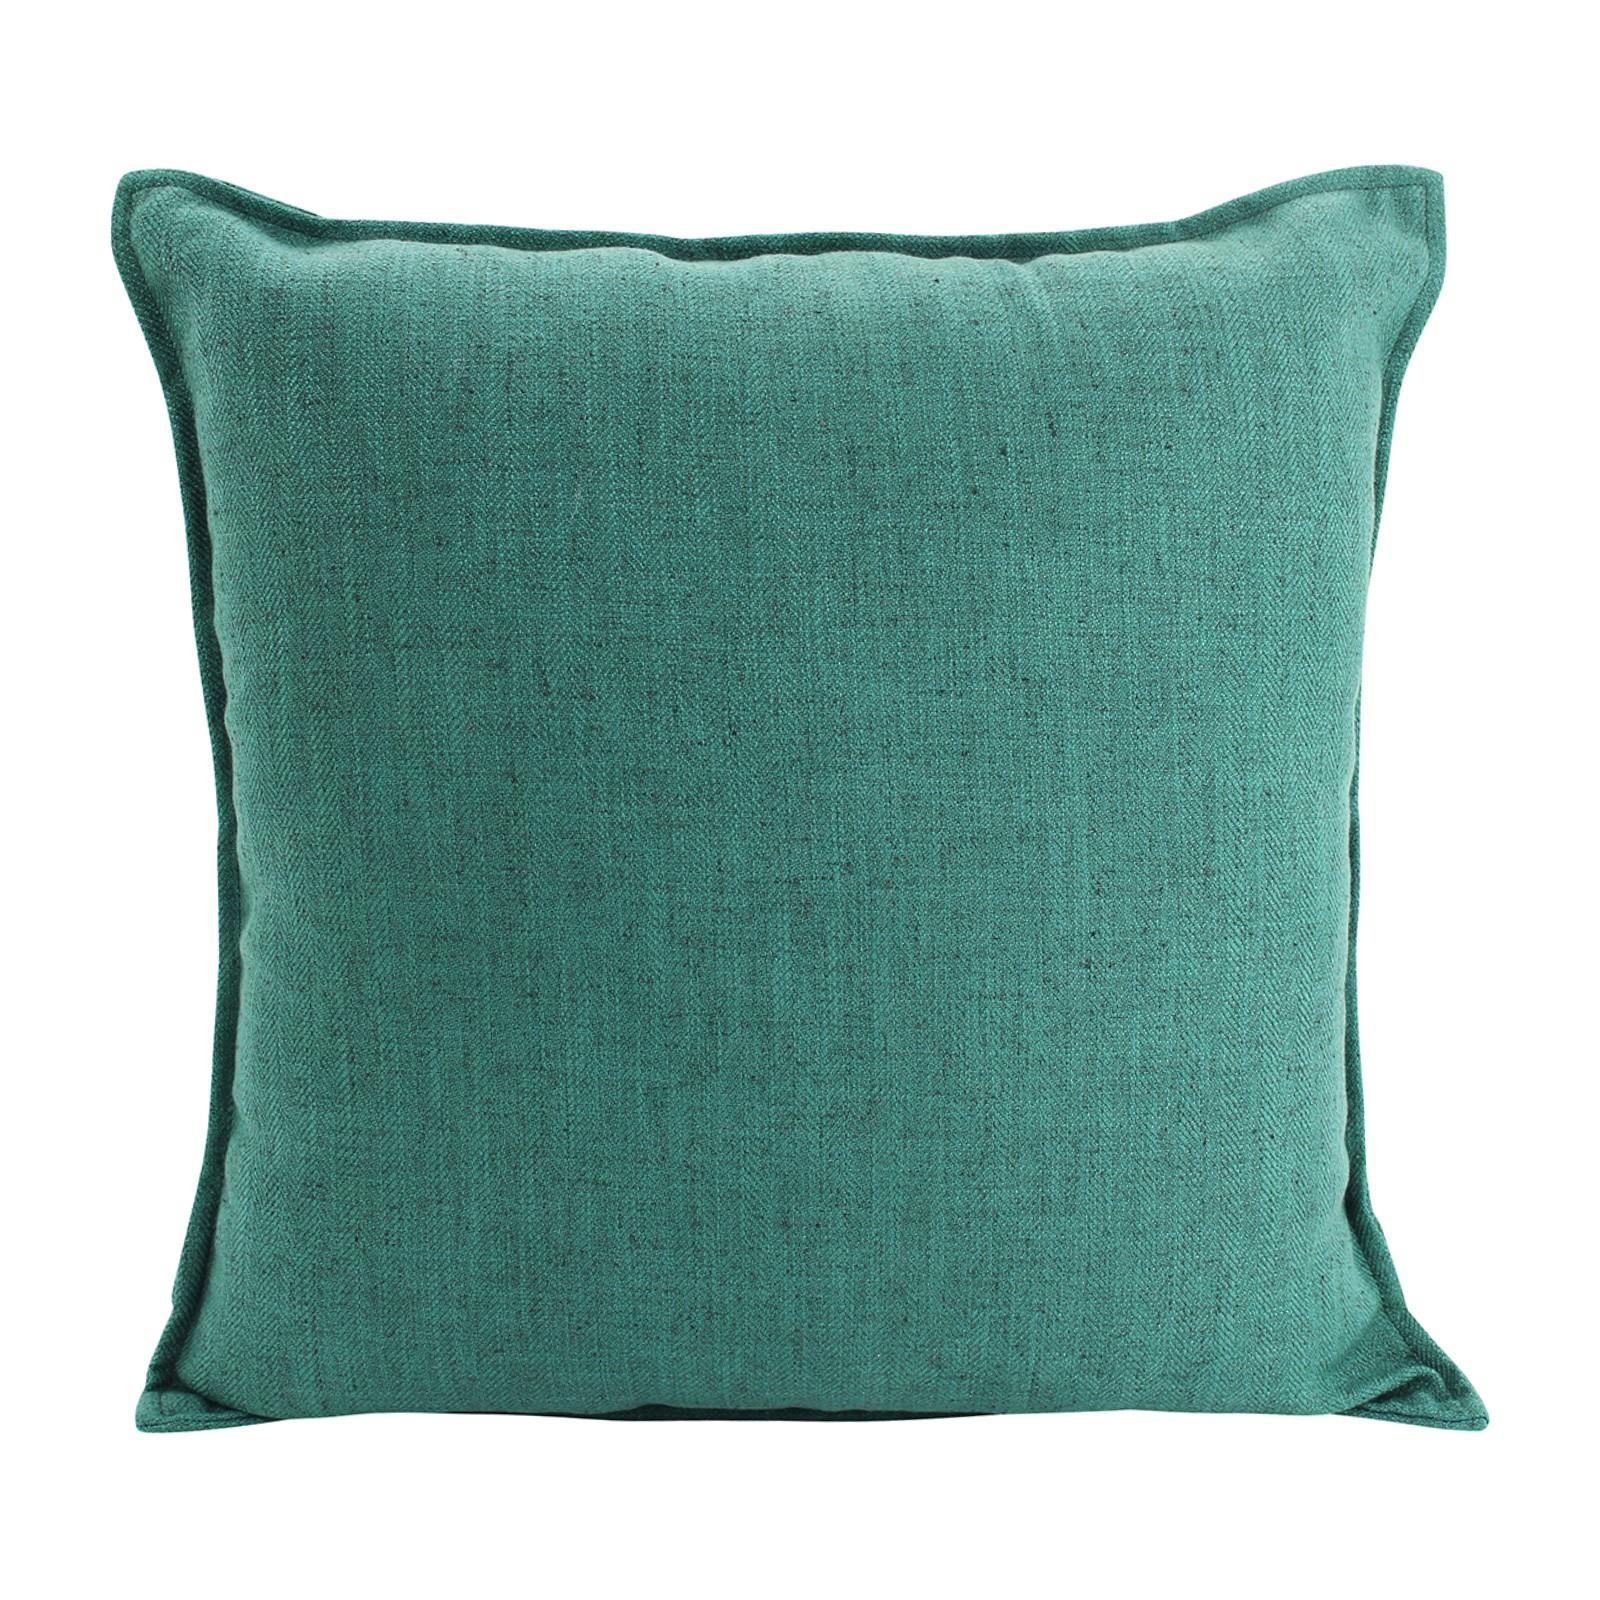 Farra Linen Scatter Cushion, Green